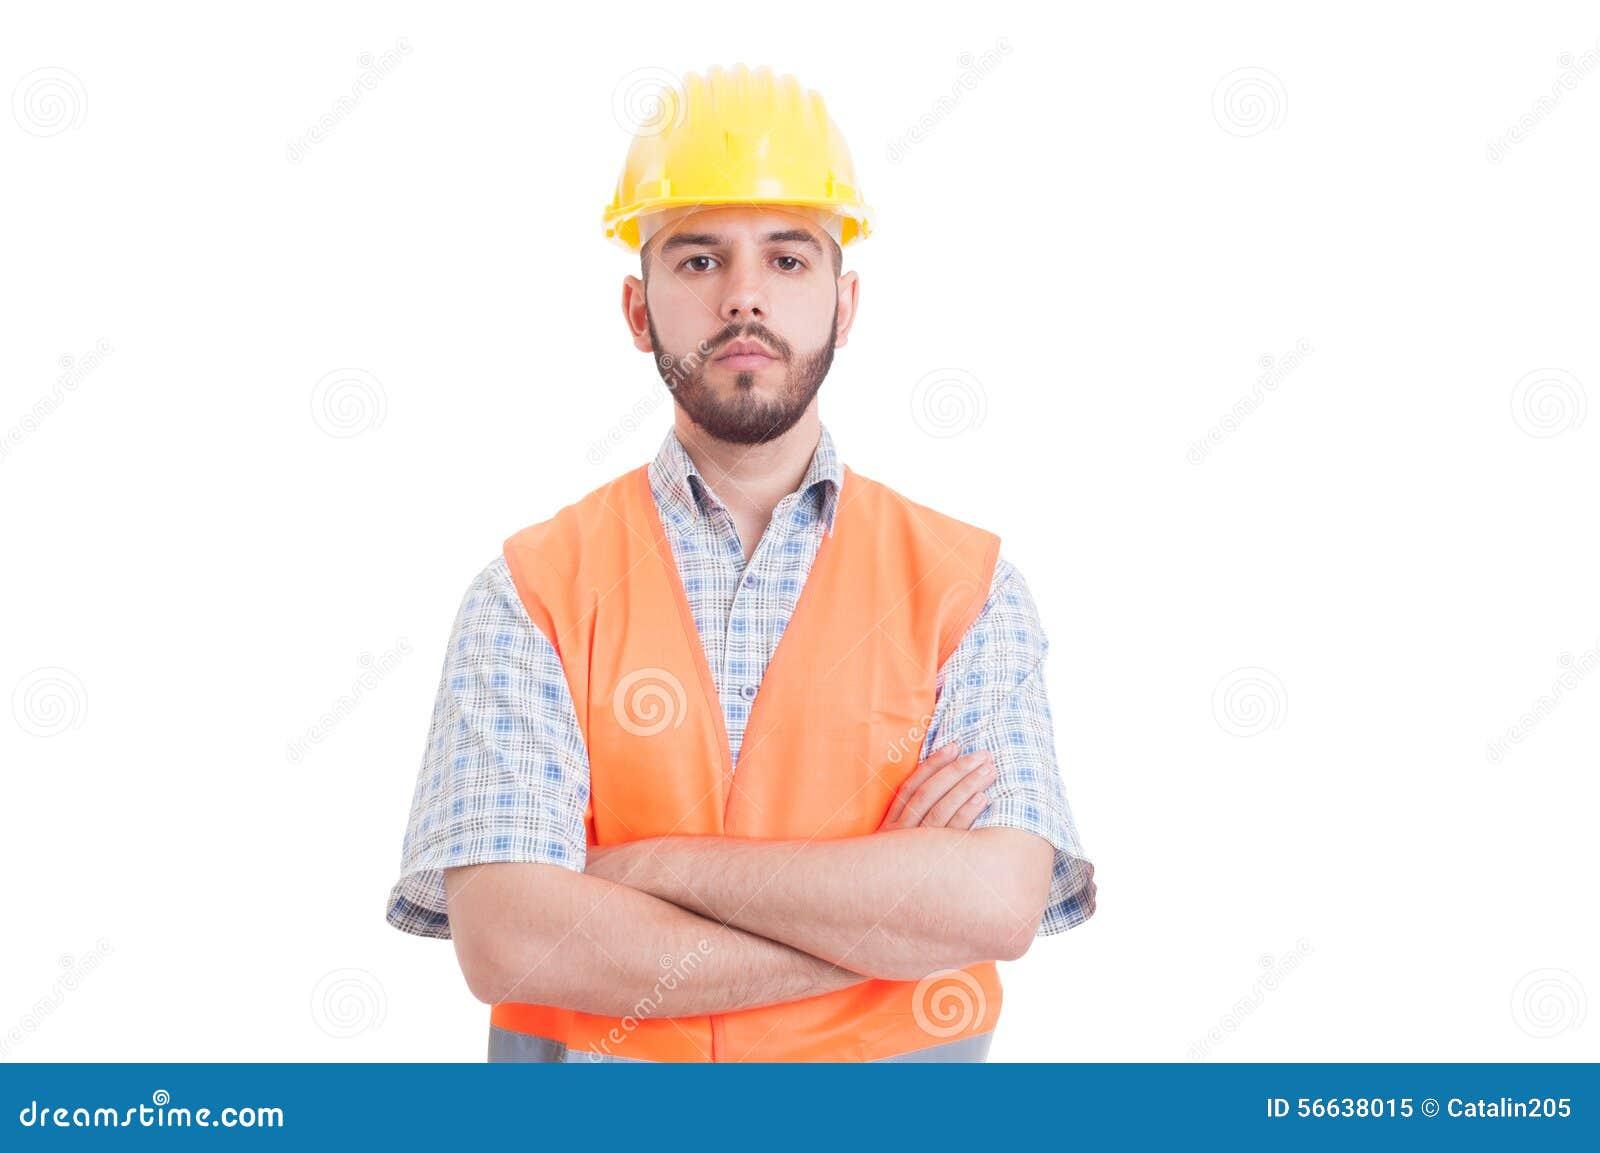 Retrato de un ingeniero joven, confiado y acertado